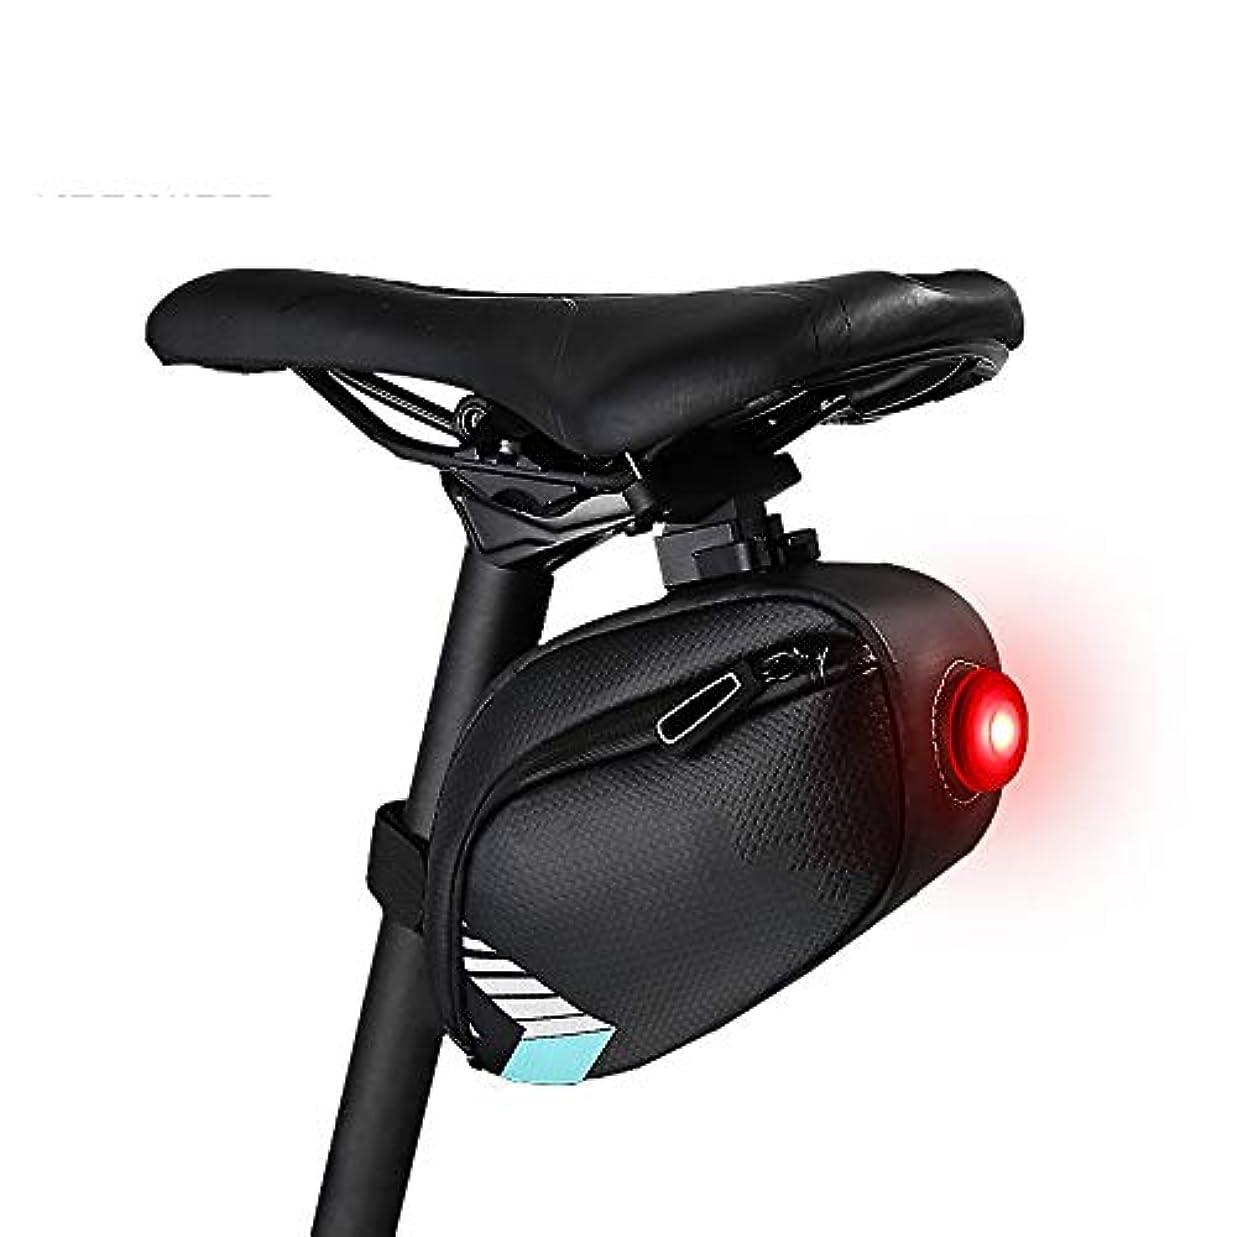 行うコンピューター胚自転車シートパックバッグサイクリング機器大容量サドルバッグ サドルバッグ?フレームバッグ (色 : 青)